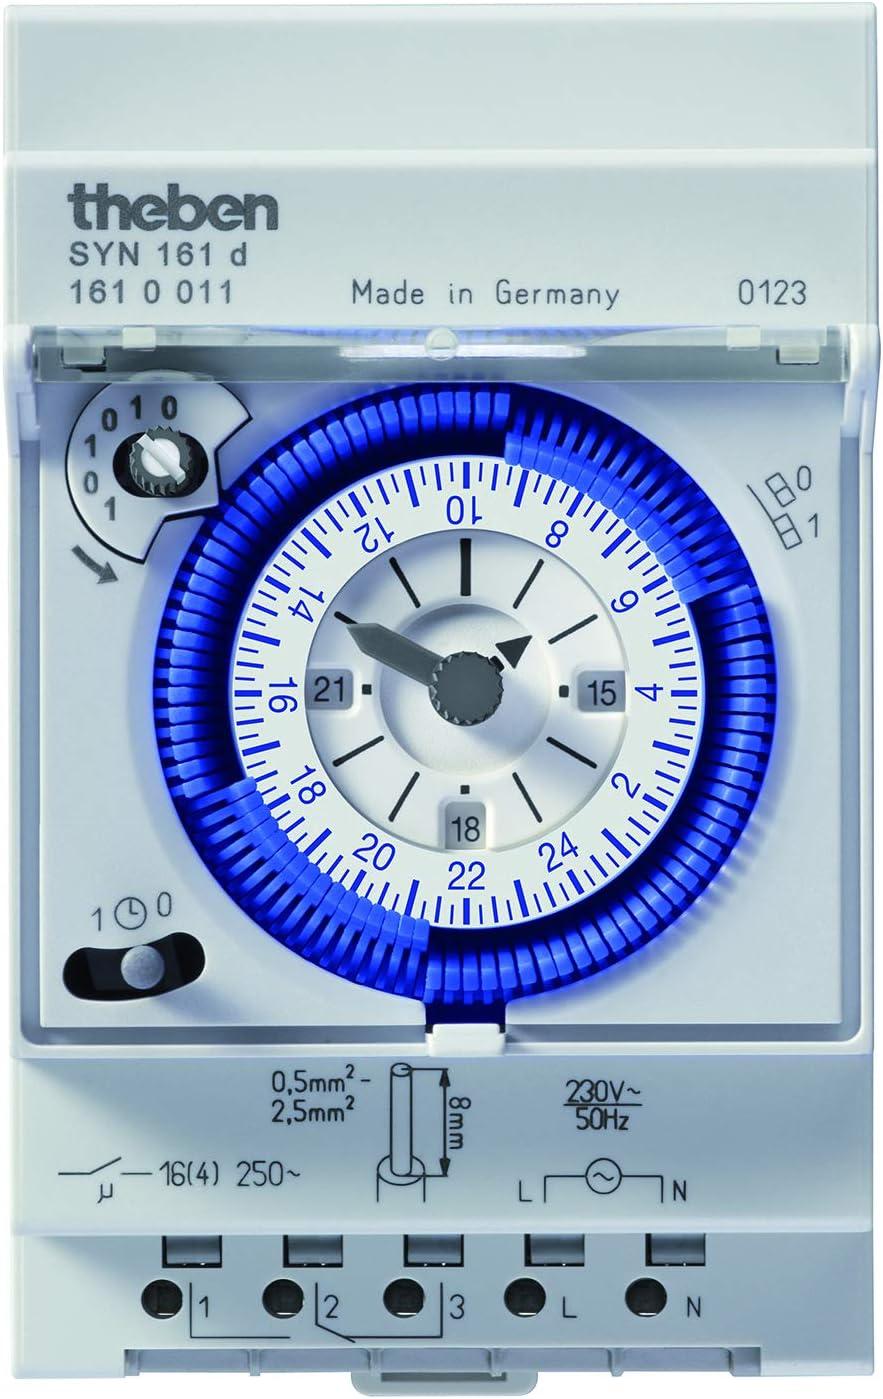 Theben 1610011 - Syn 161 d - Interruptor horario analógico - 1 Canal - Programa Diario - Carril DIN